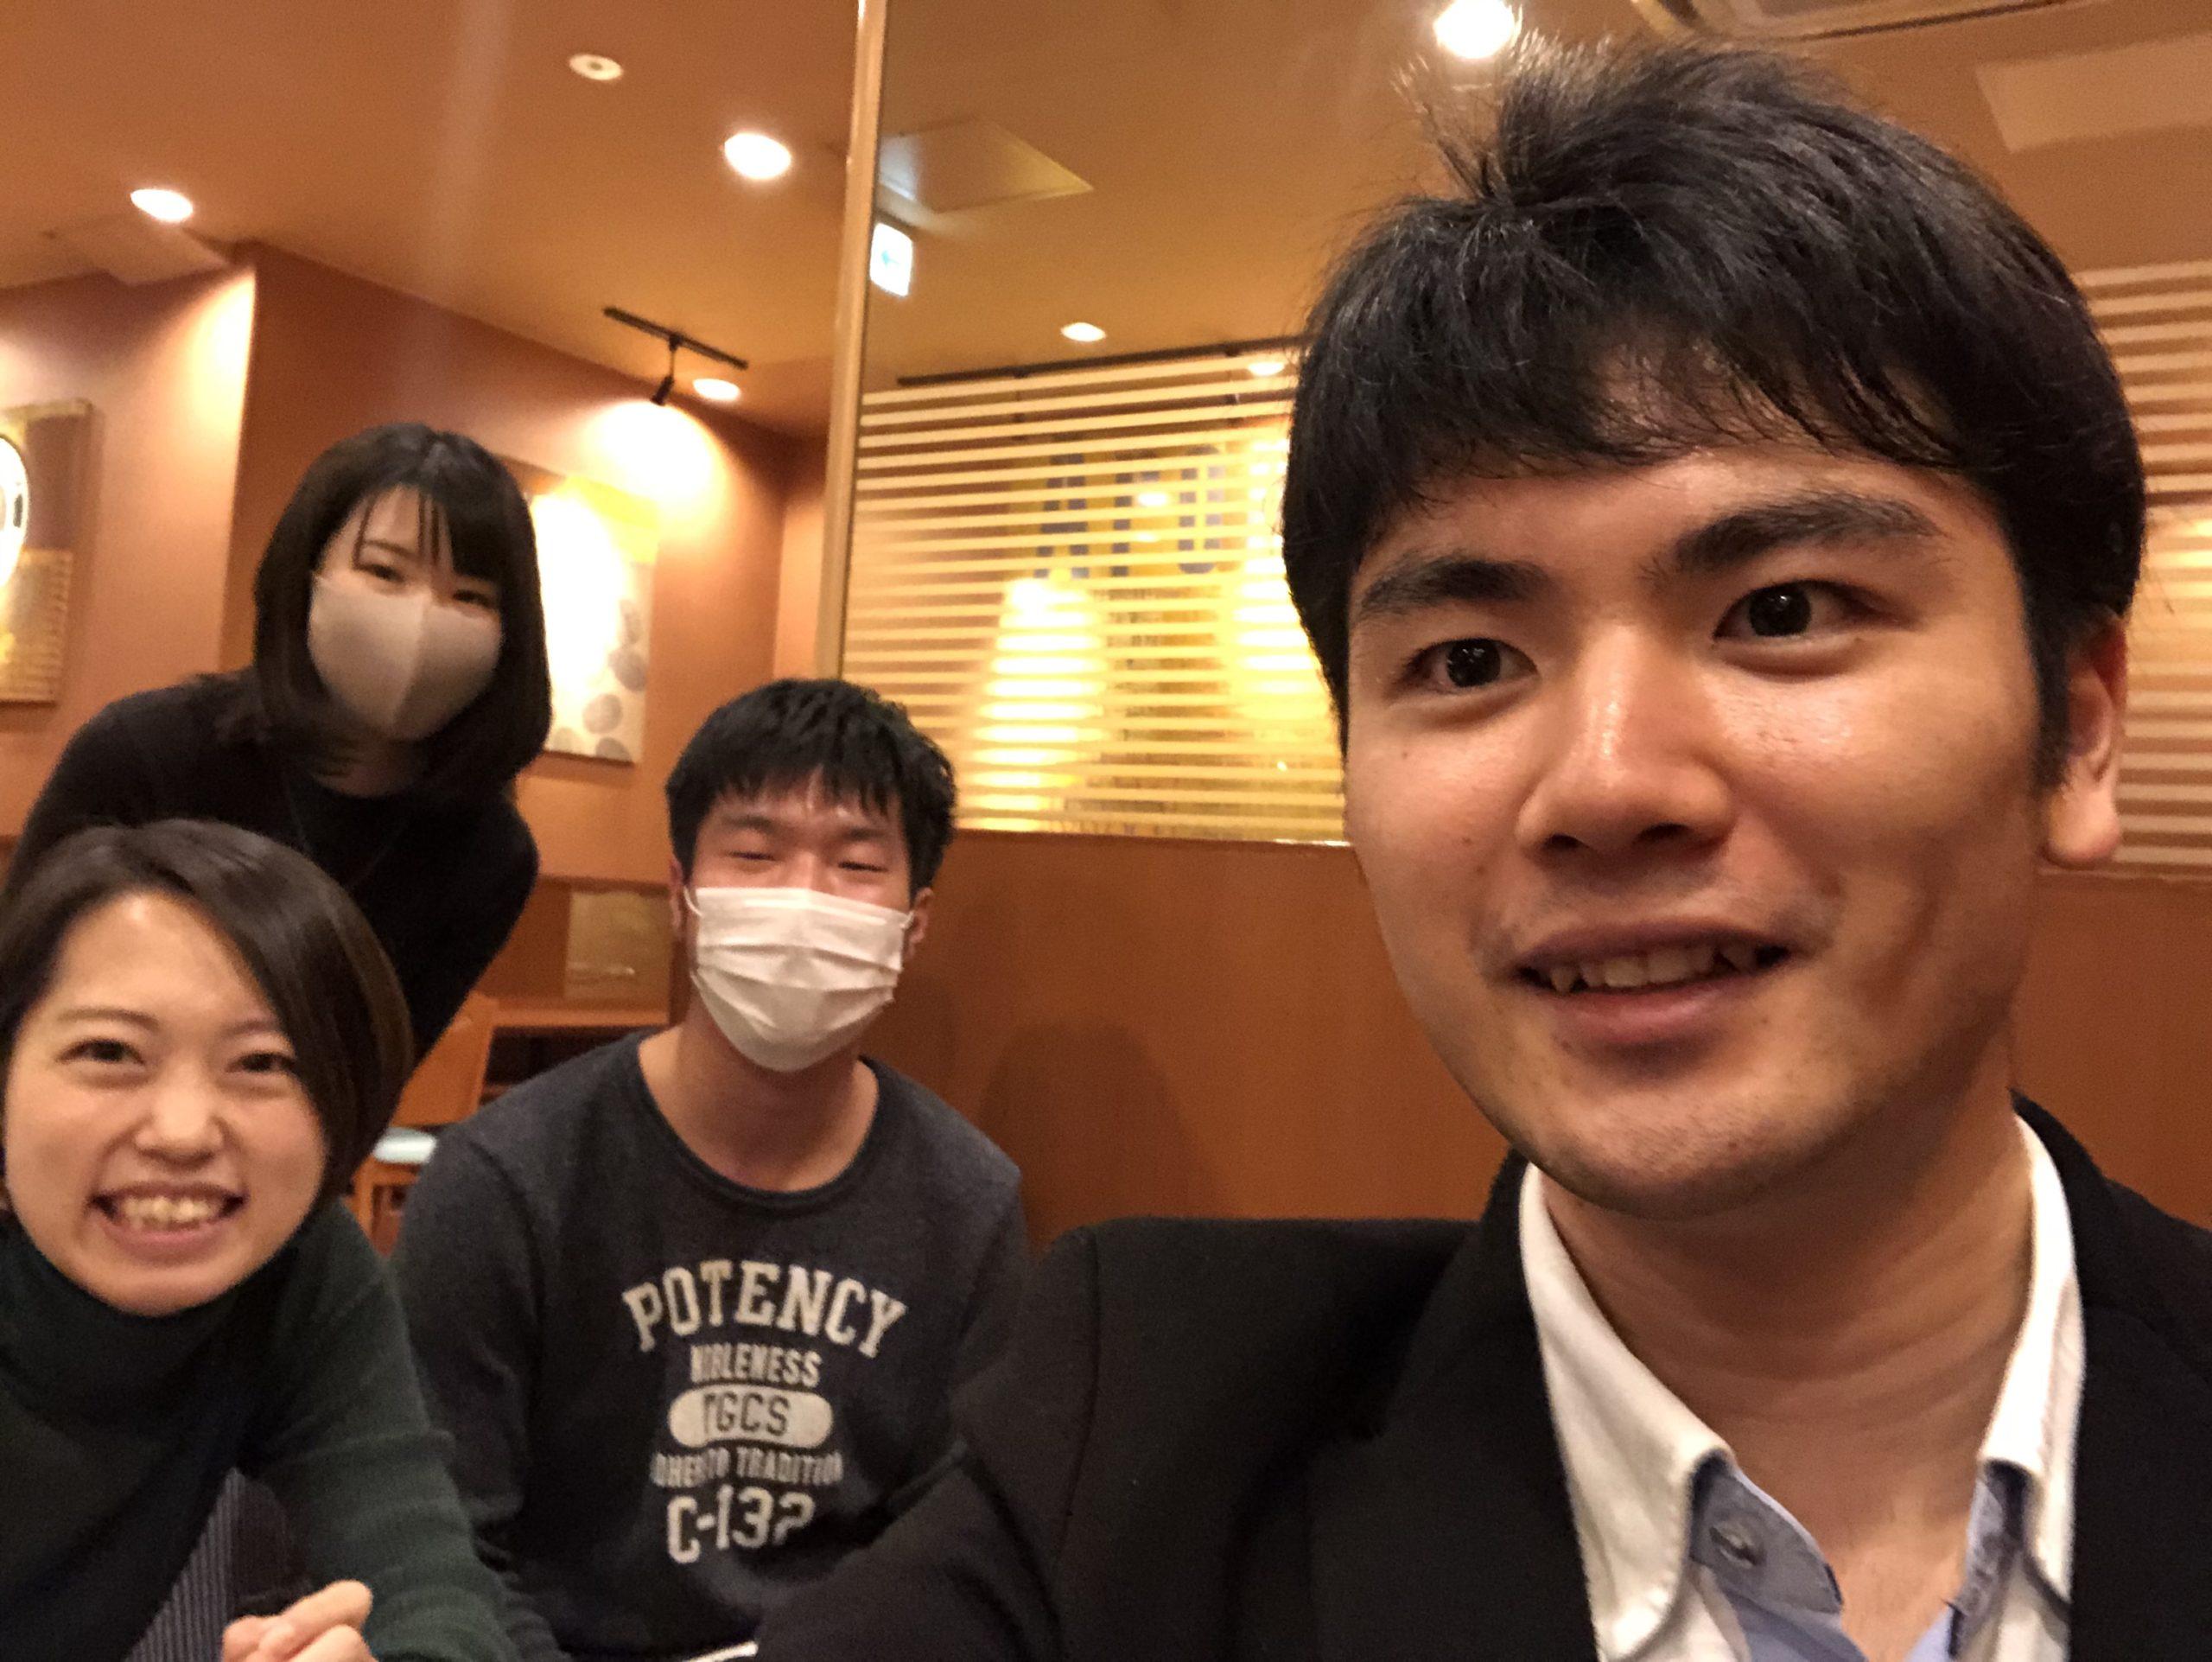 2020年11月14日 第19回目の自己分析セミナー東京